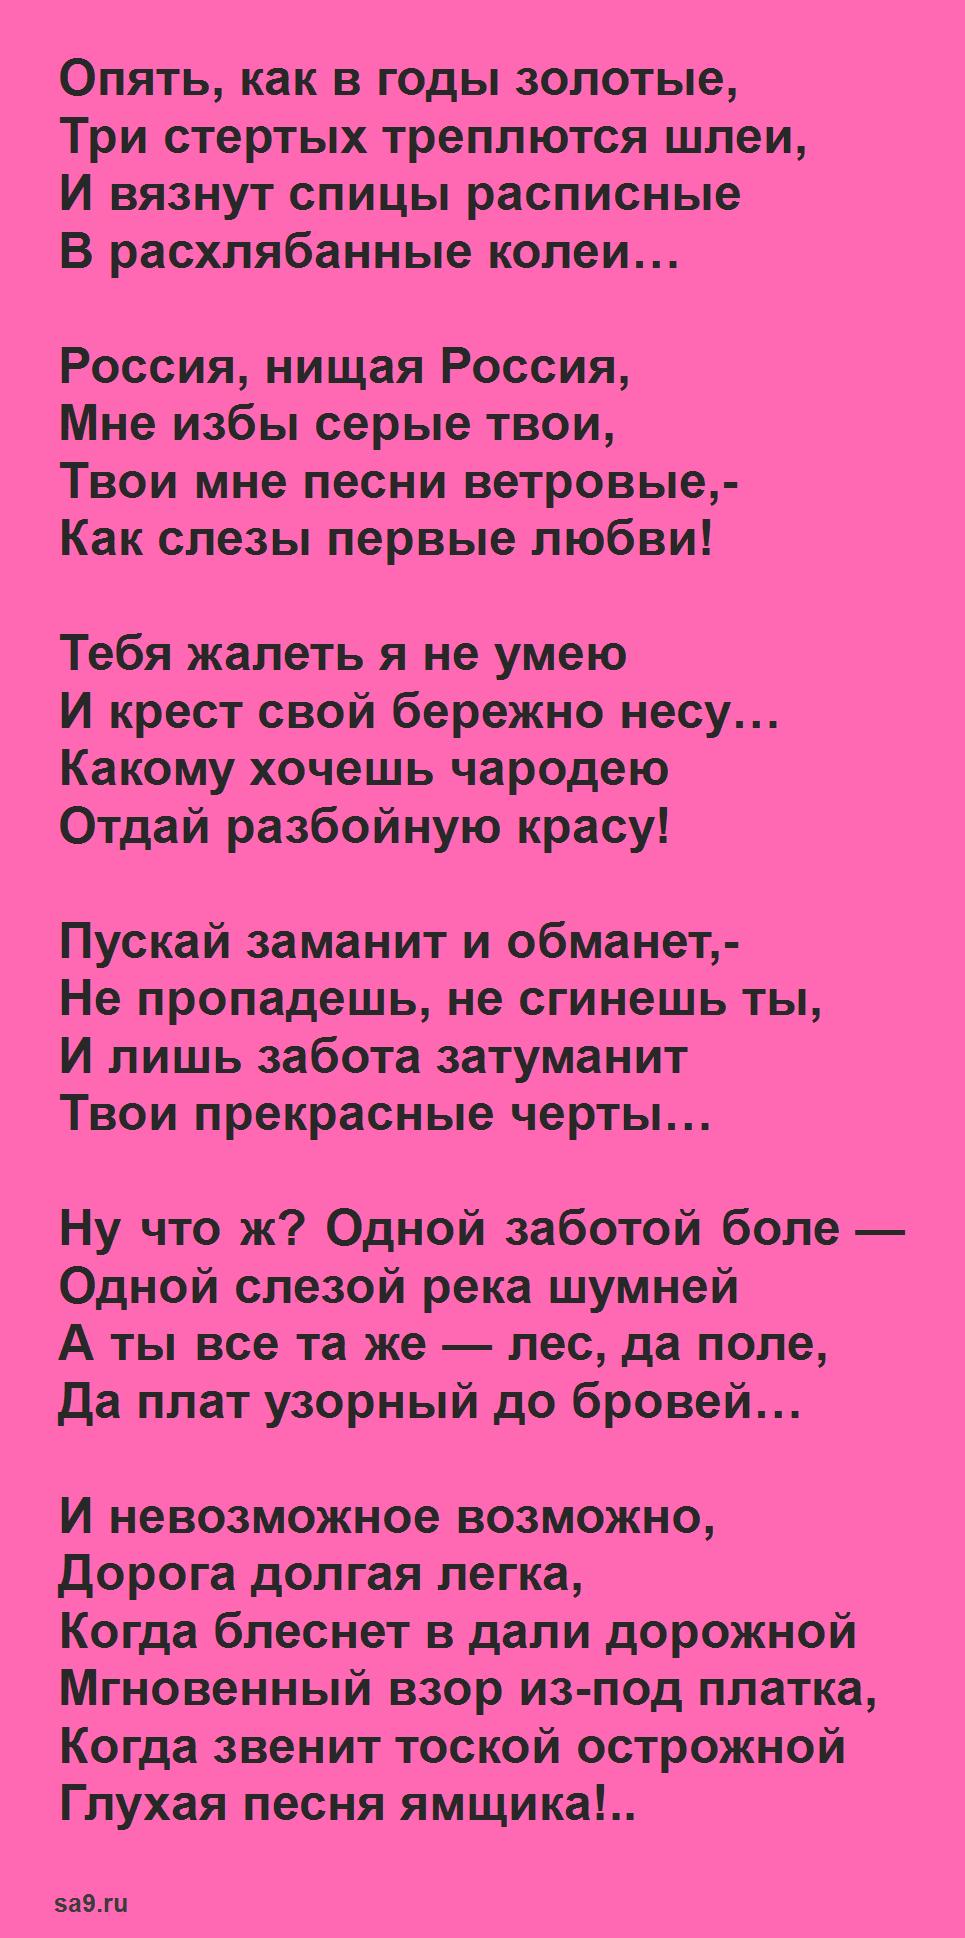 Блок стихи о Родине - Россия